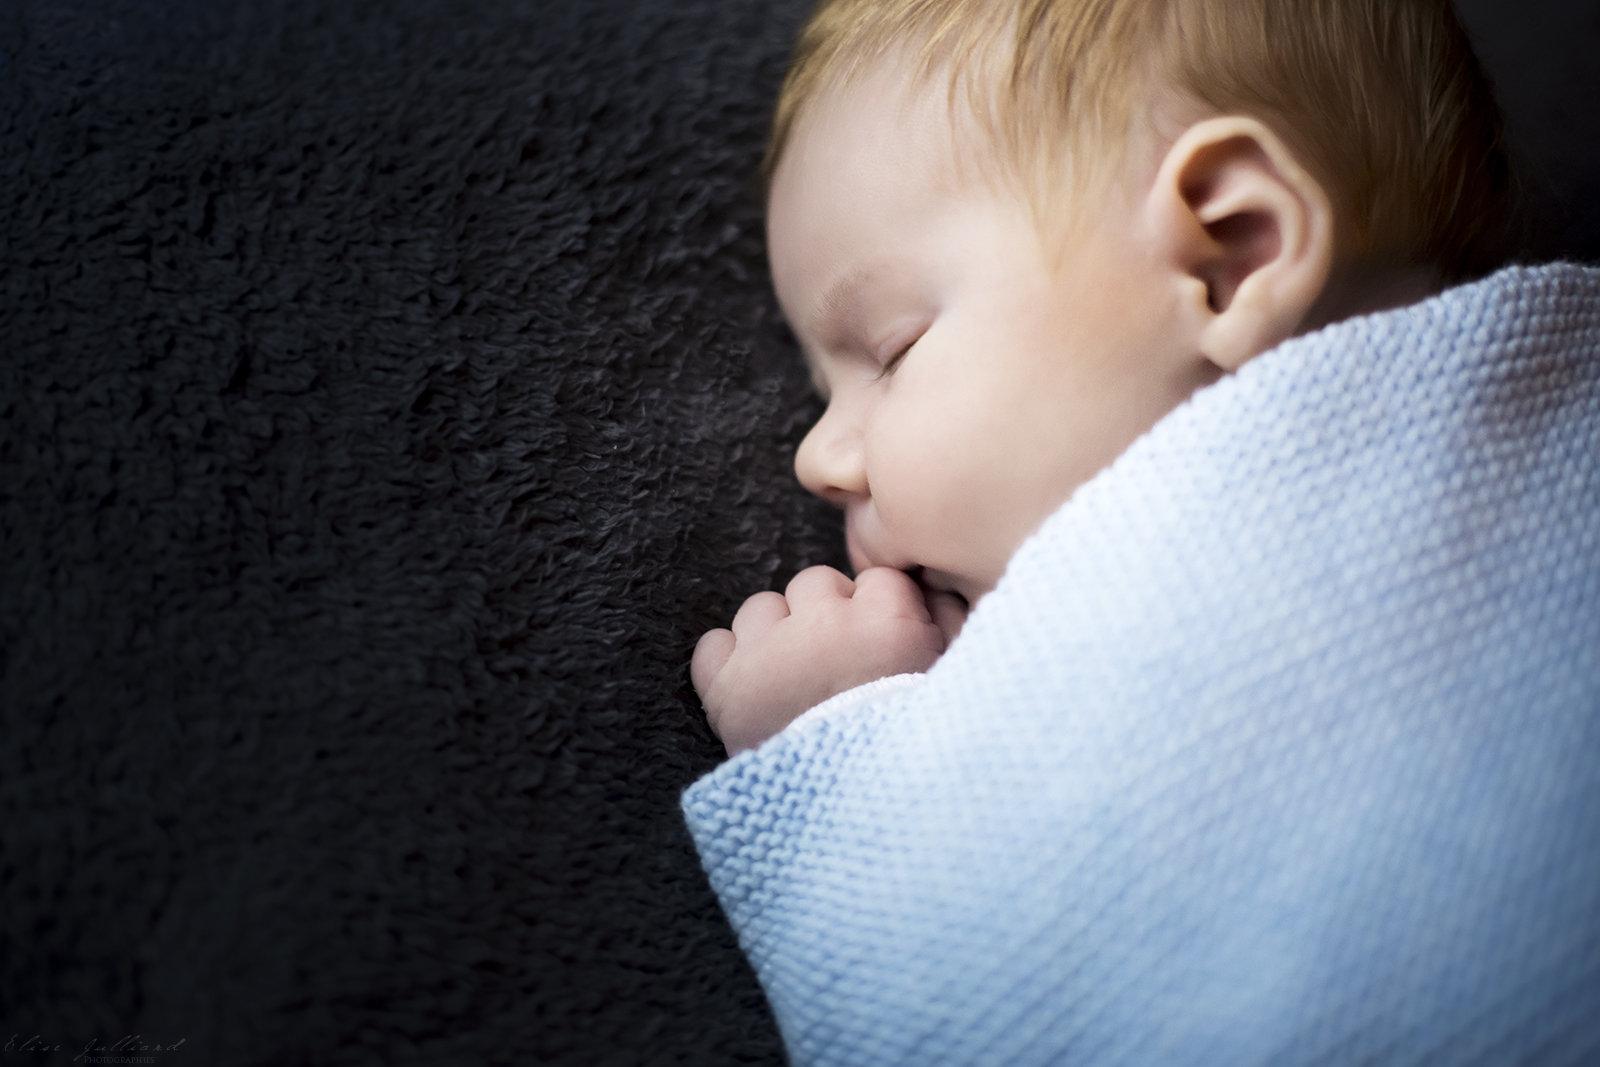 elise-julliard-photographe-lyon-rhone-alpes-seance-photo-nouveau-ne-bebe-nourisson-enfant-petit-garcon-croix-rousse-4